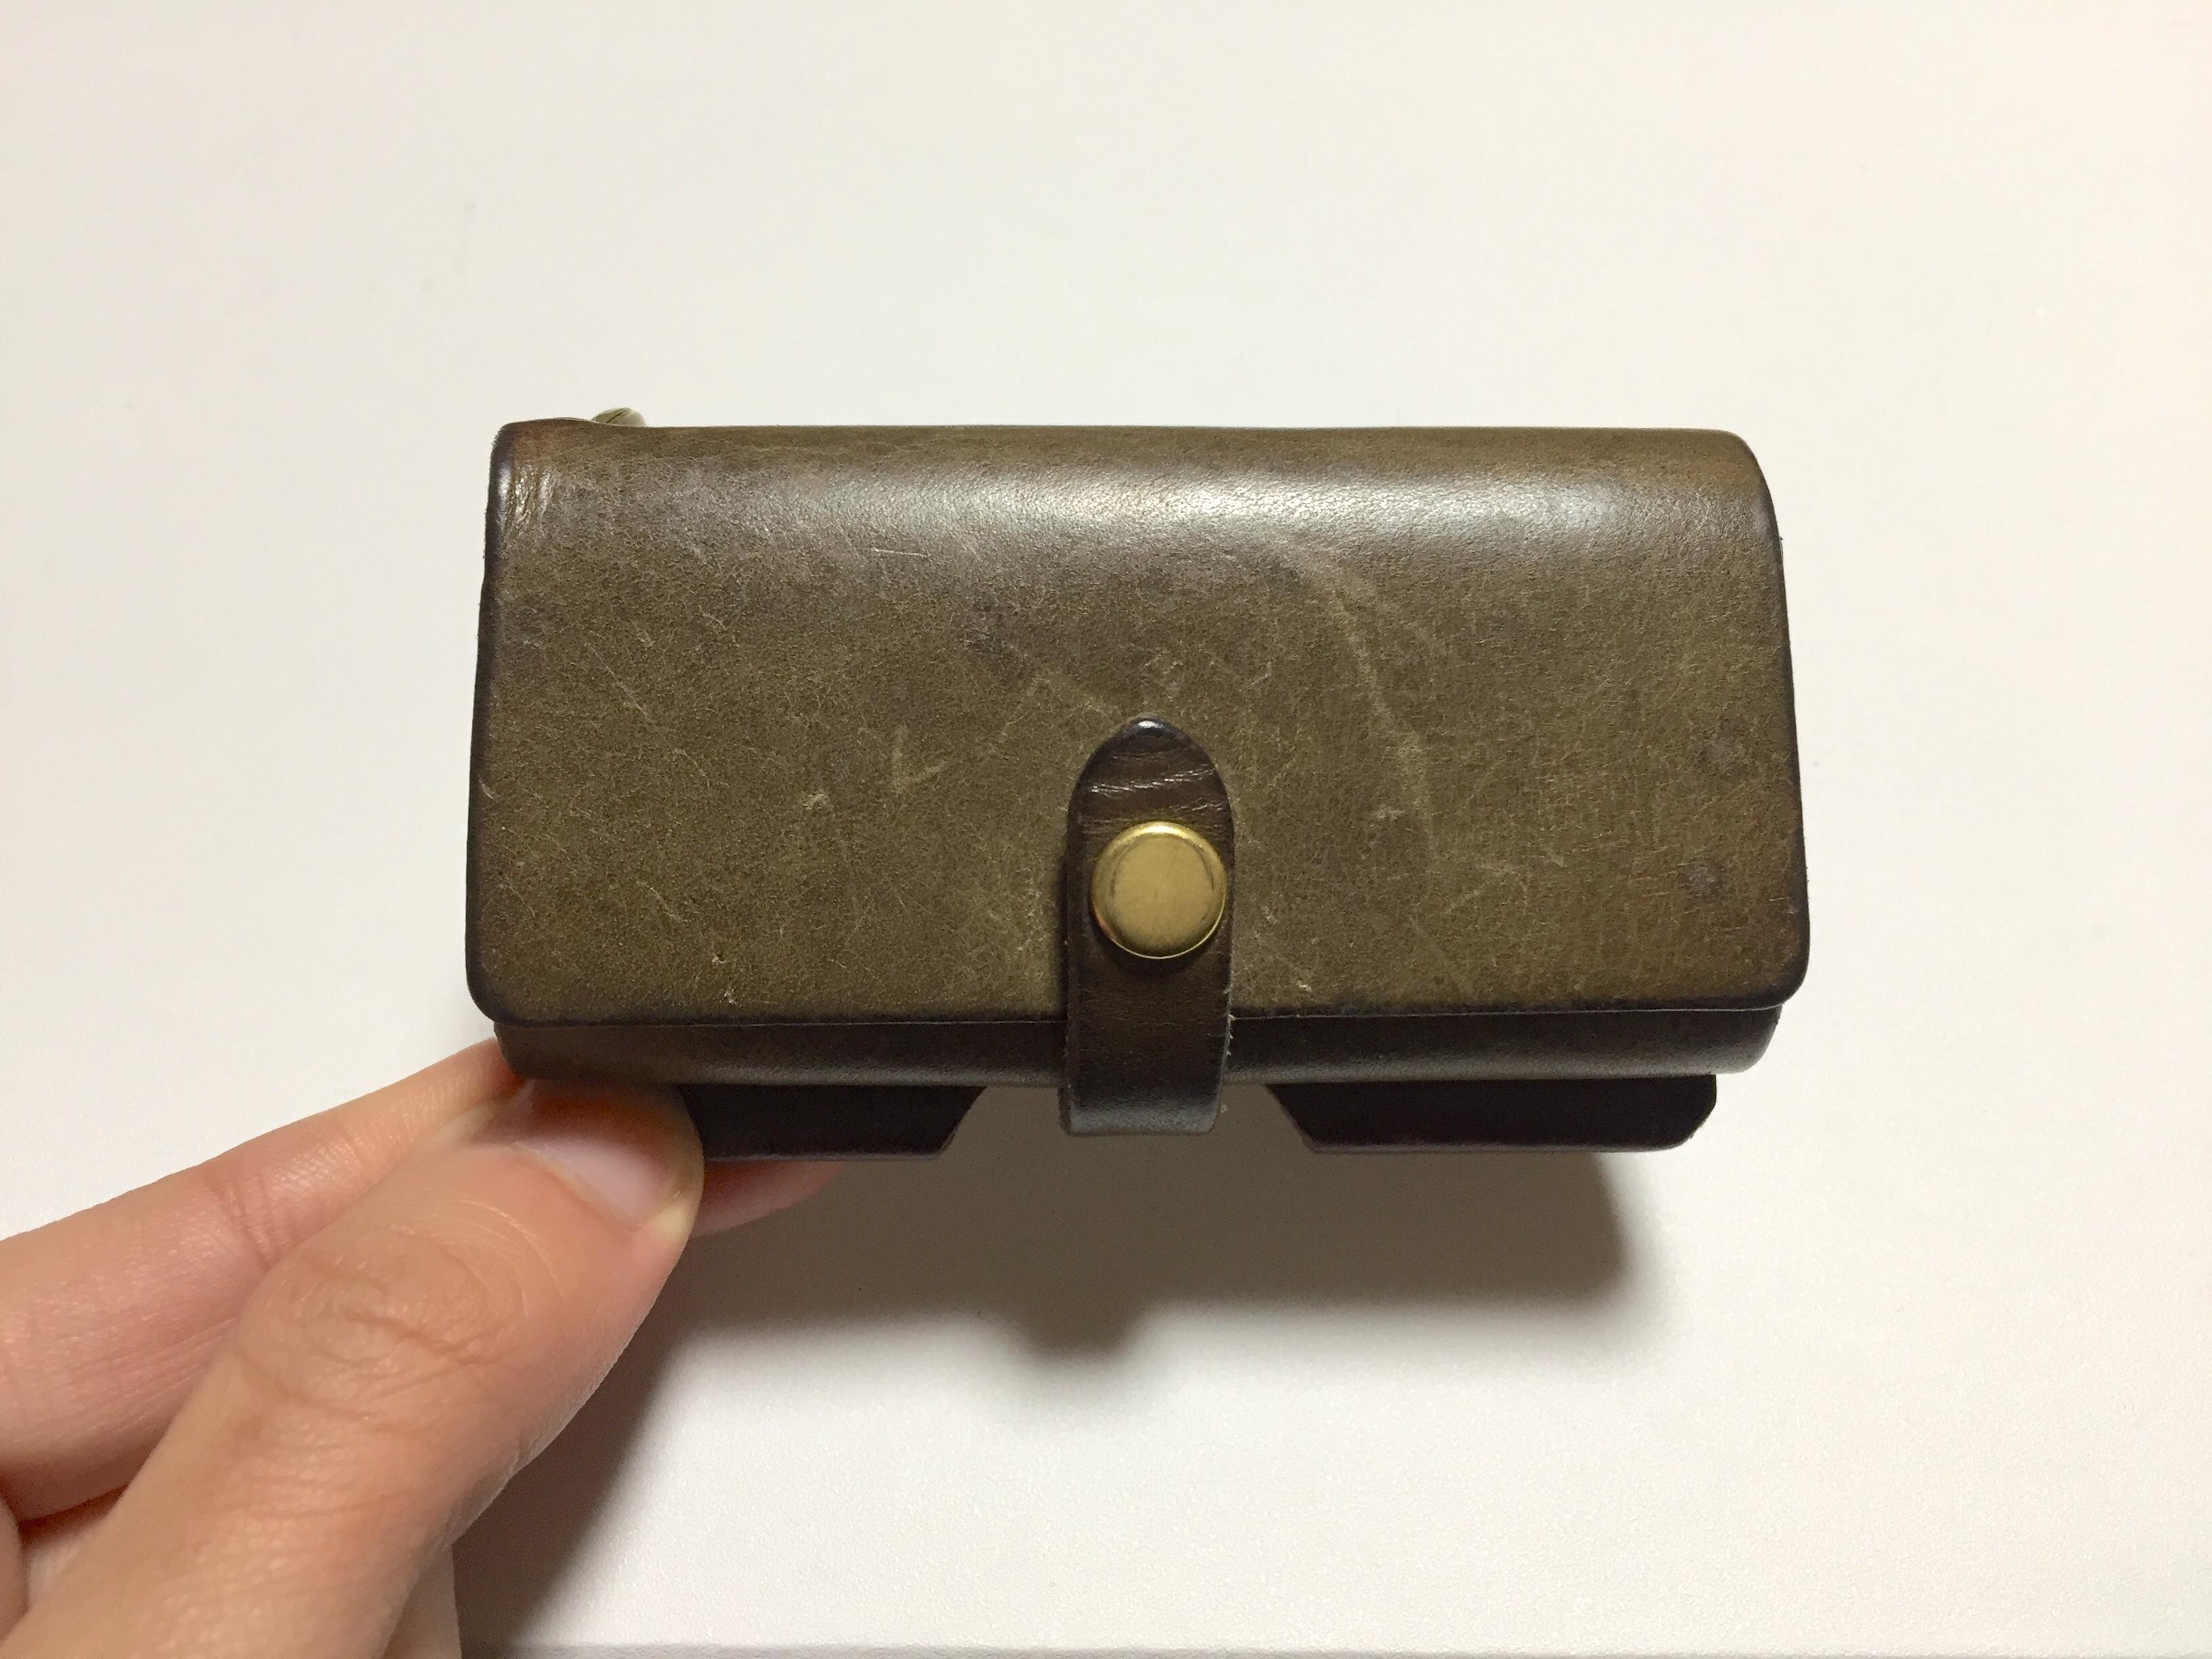 safujiのキー付きミニ財布の経年変化(6ヶ月)